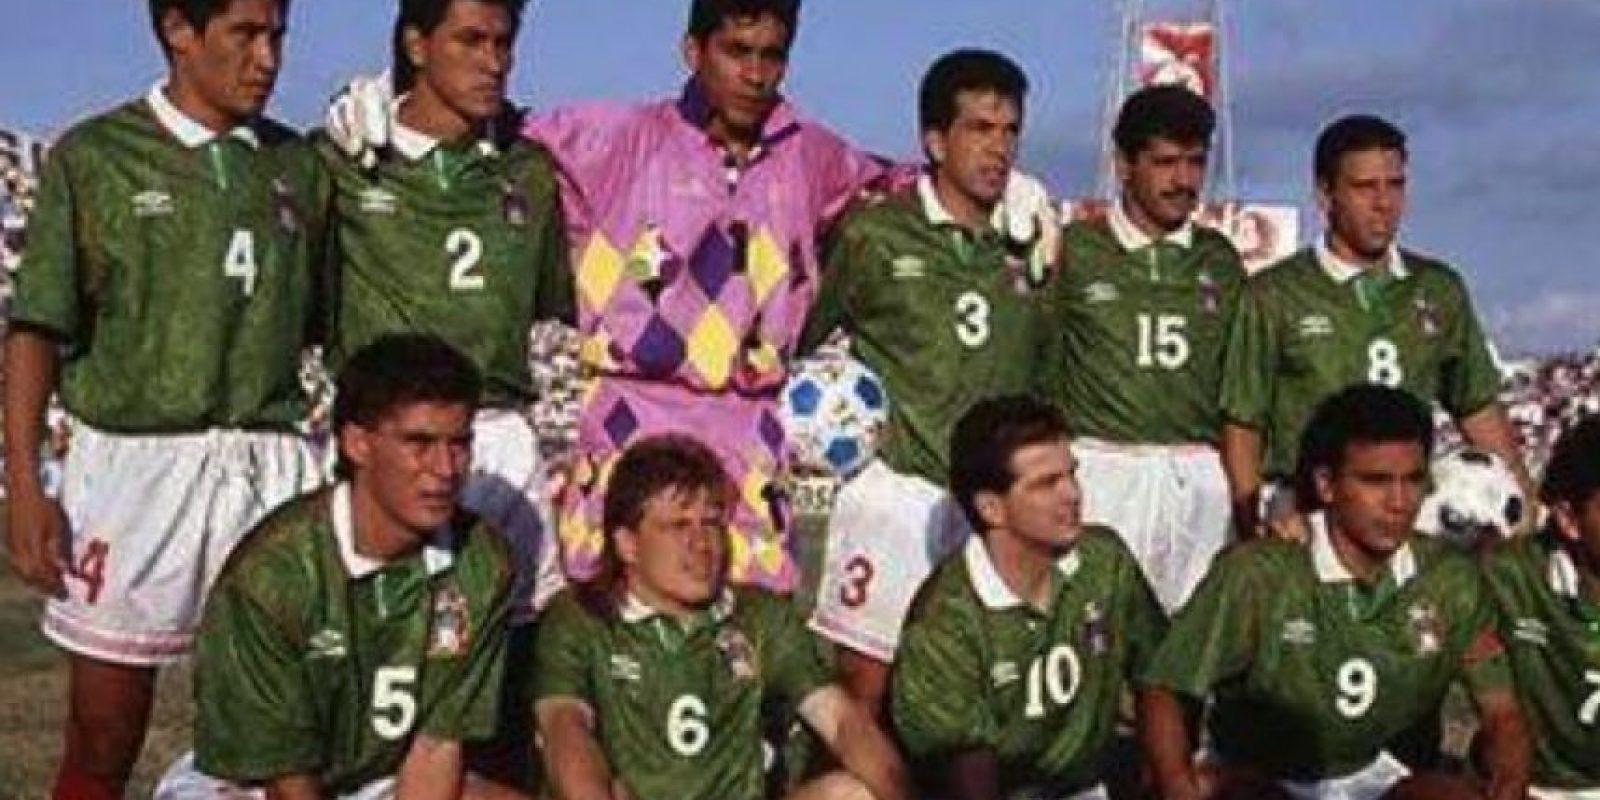 Fue un líder de la Selección de México durante tres Mundiales Foto:Facebook: Jorge Campos